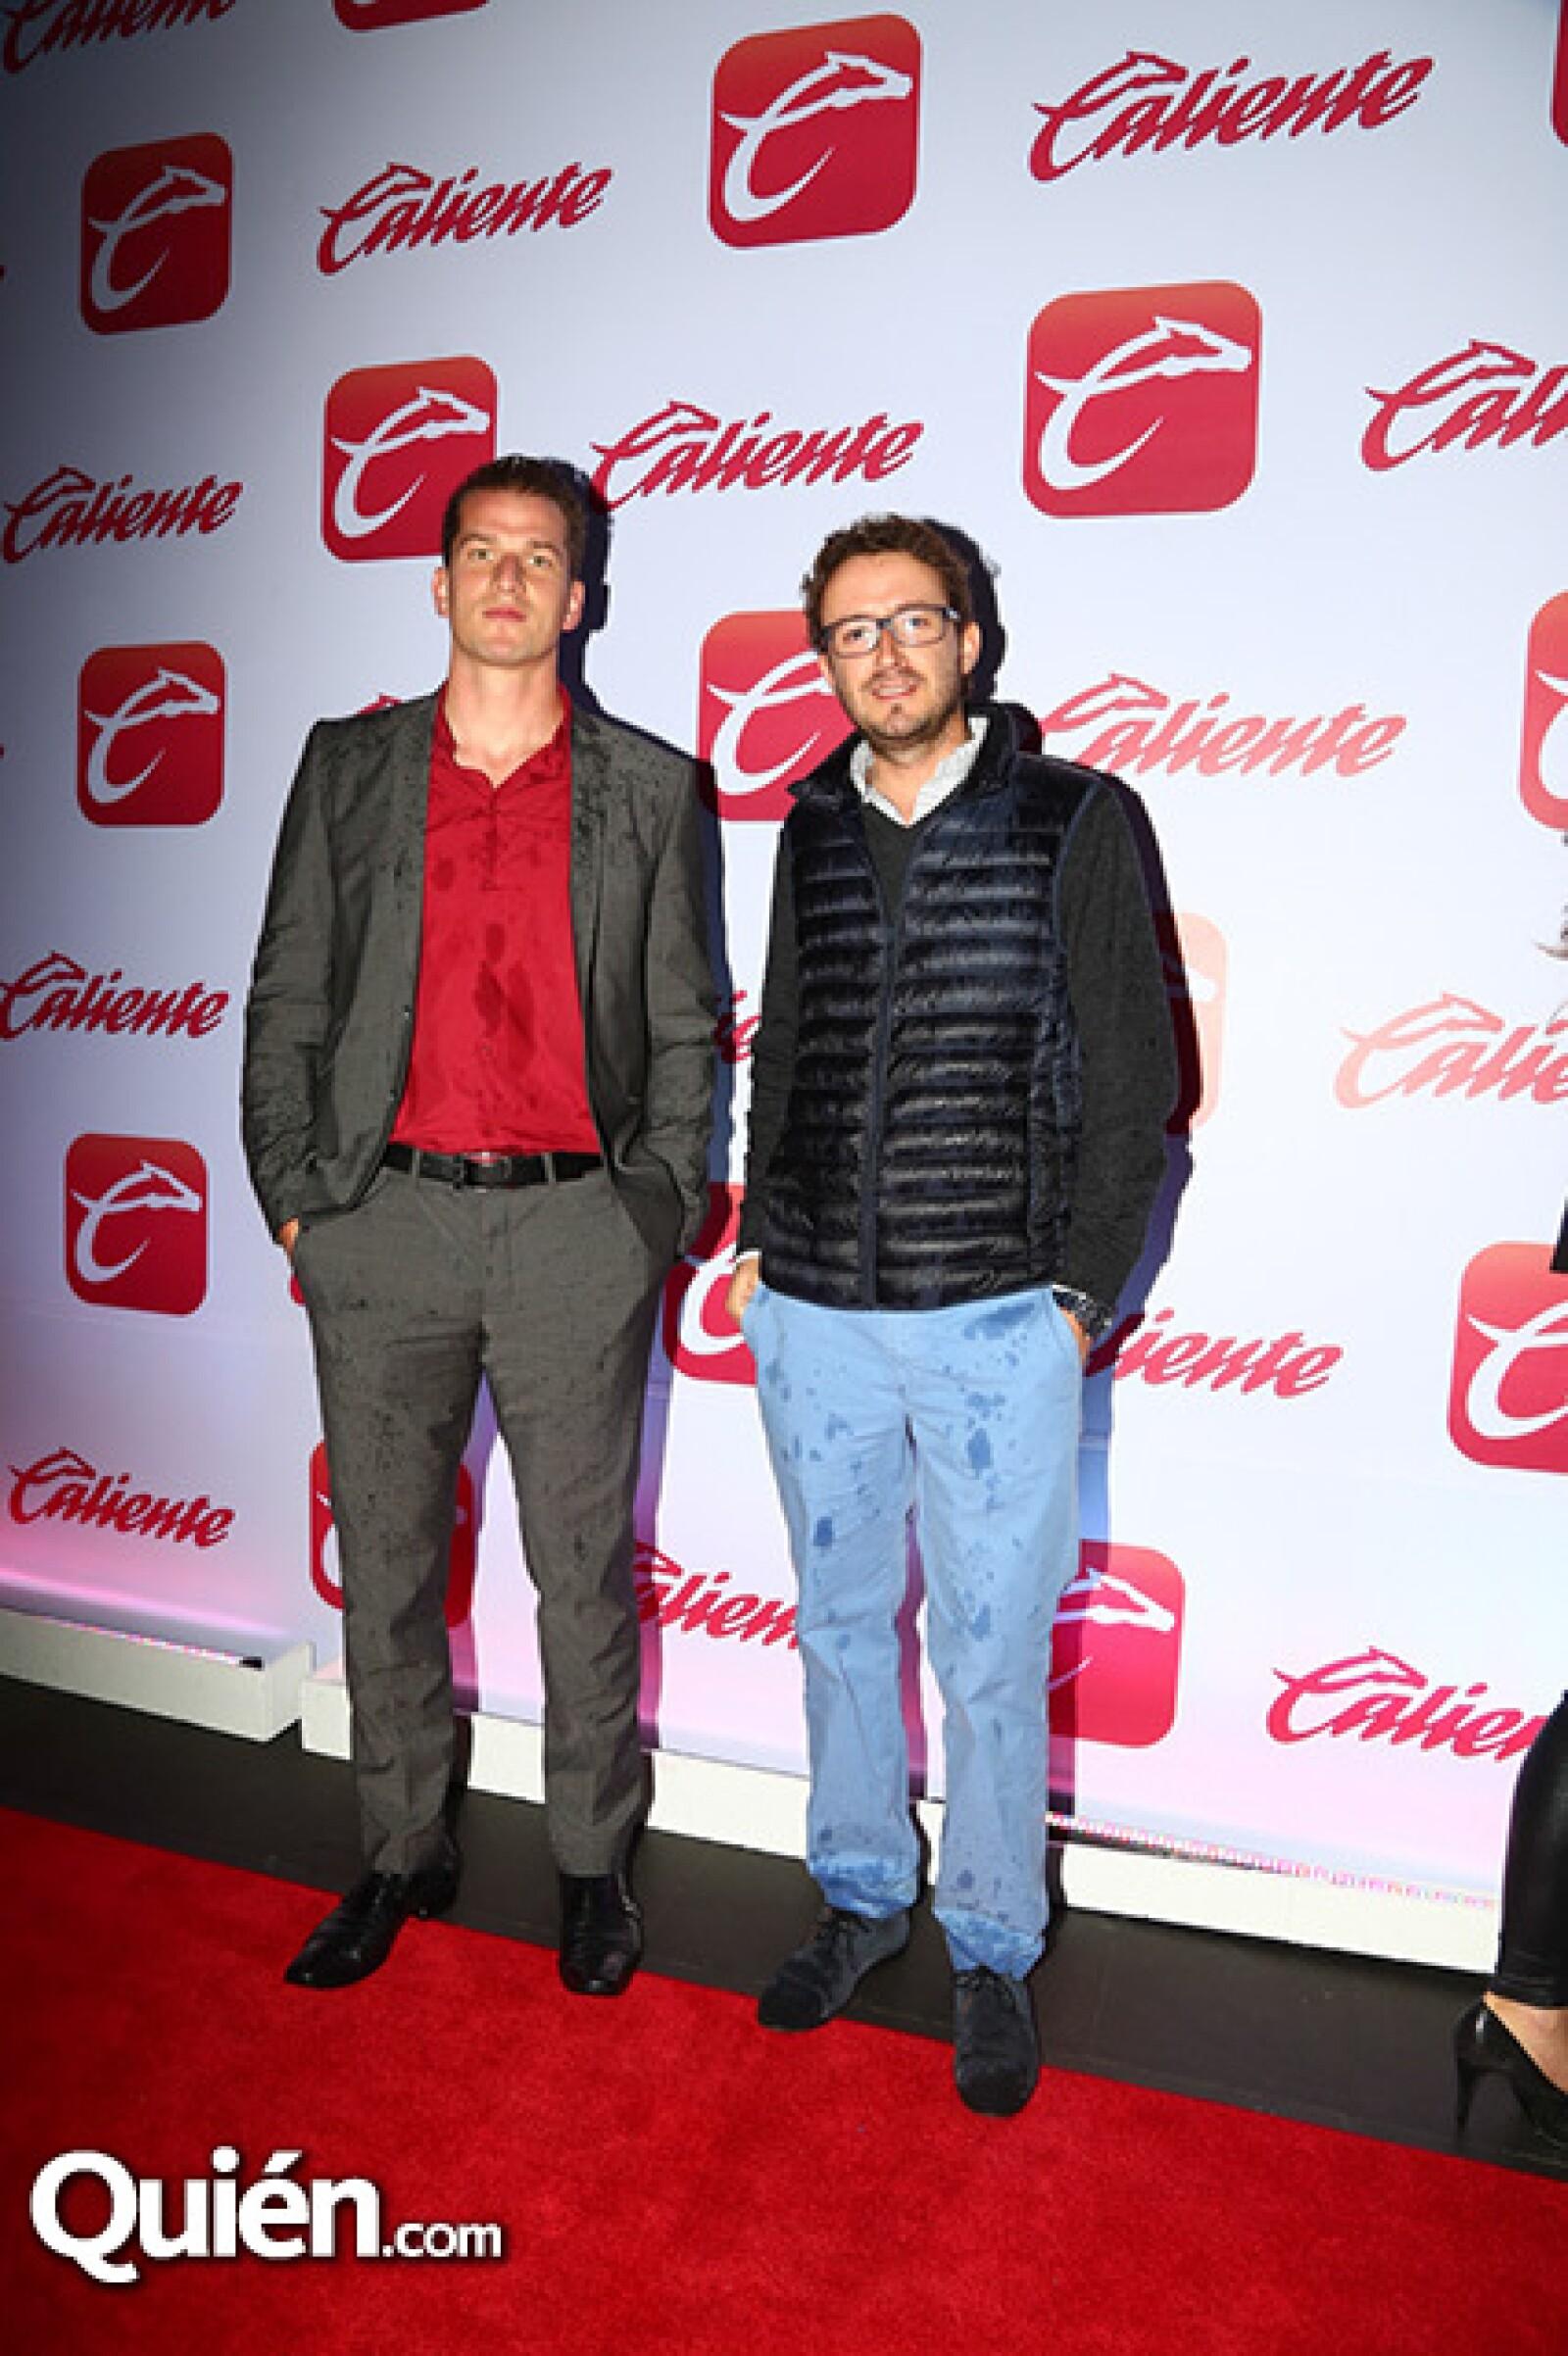 Carlos Sutter y David Marrodán